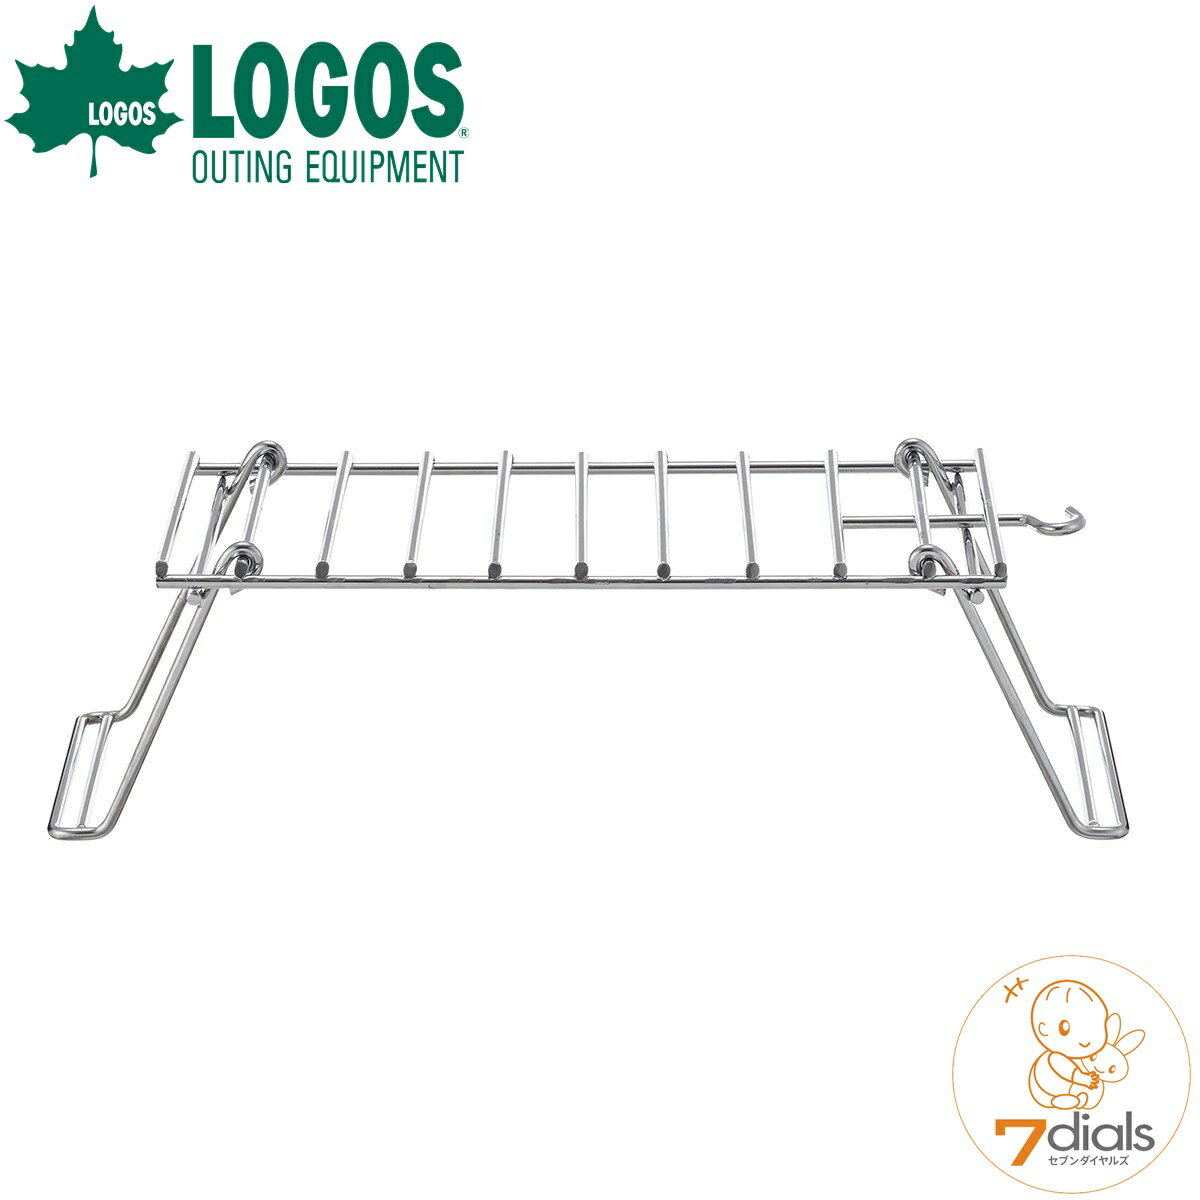 LOGOS/ロゴス ファイヤーラック L 折り畳み式の耐熱ラック ピラミッドTAKIBIにセットすればケトルや小鍋でたき火調理ができます